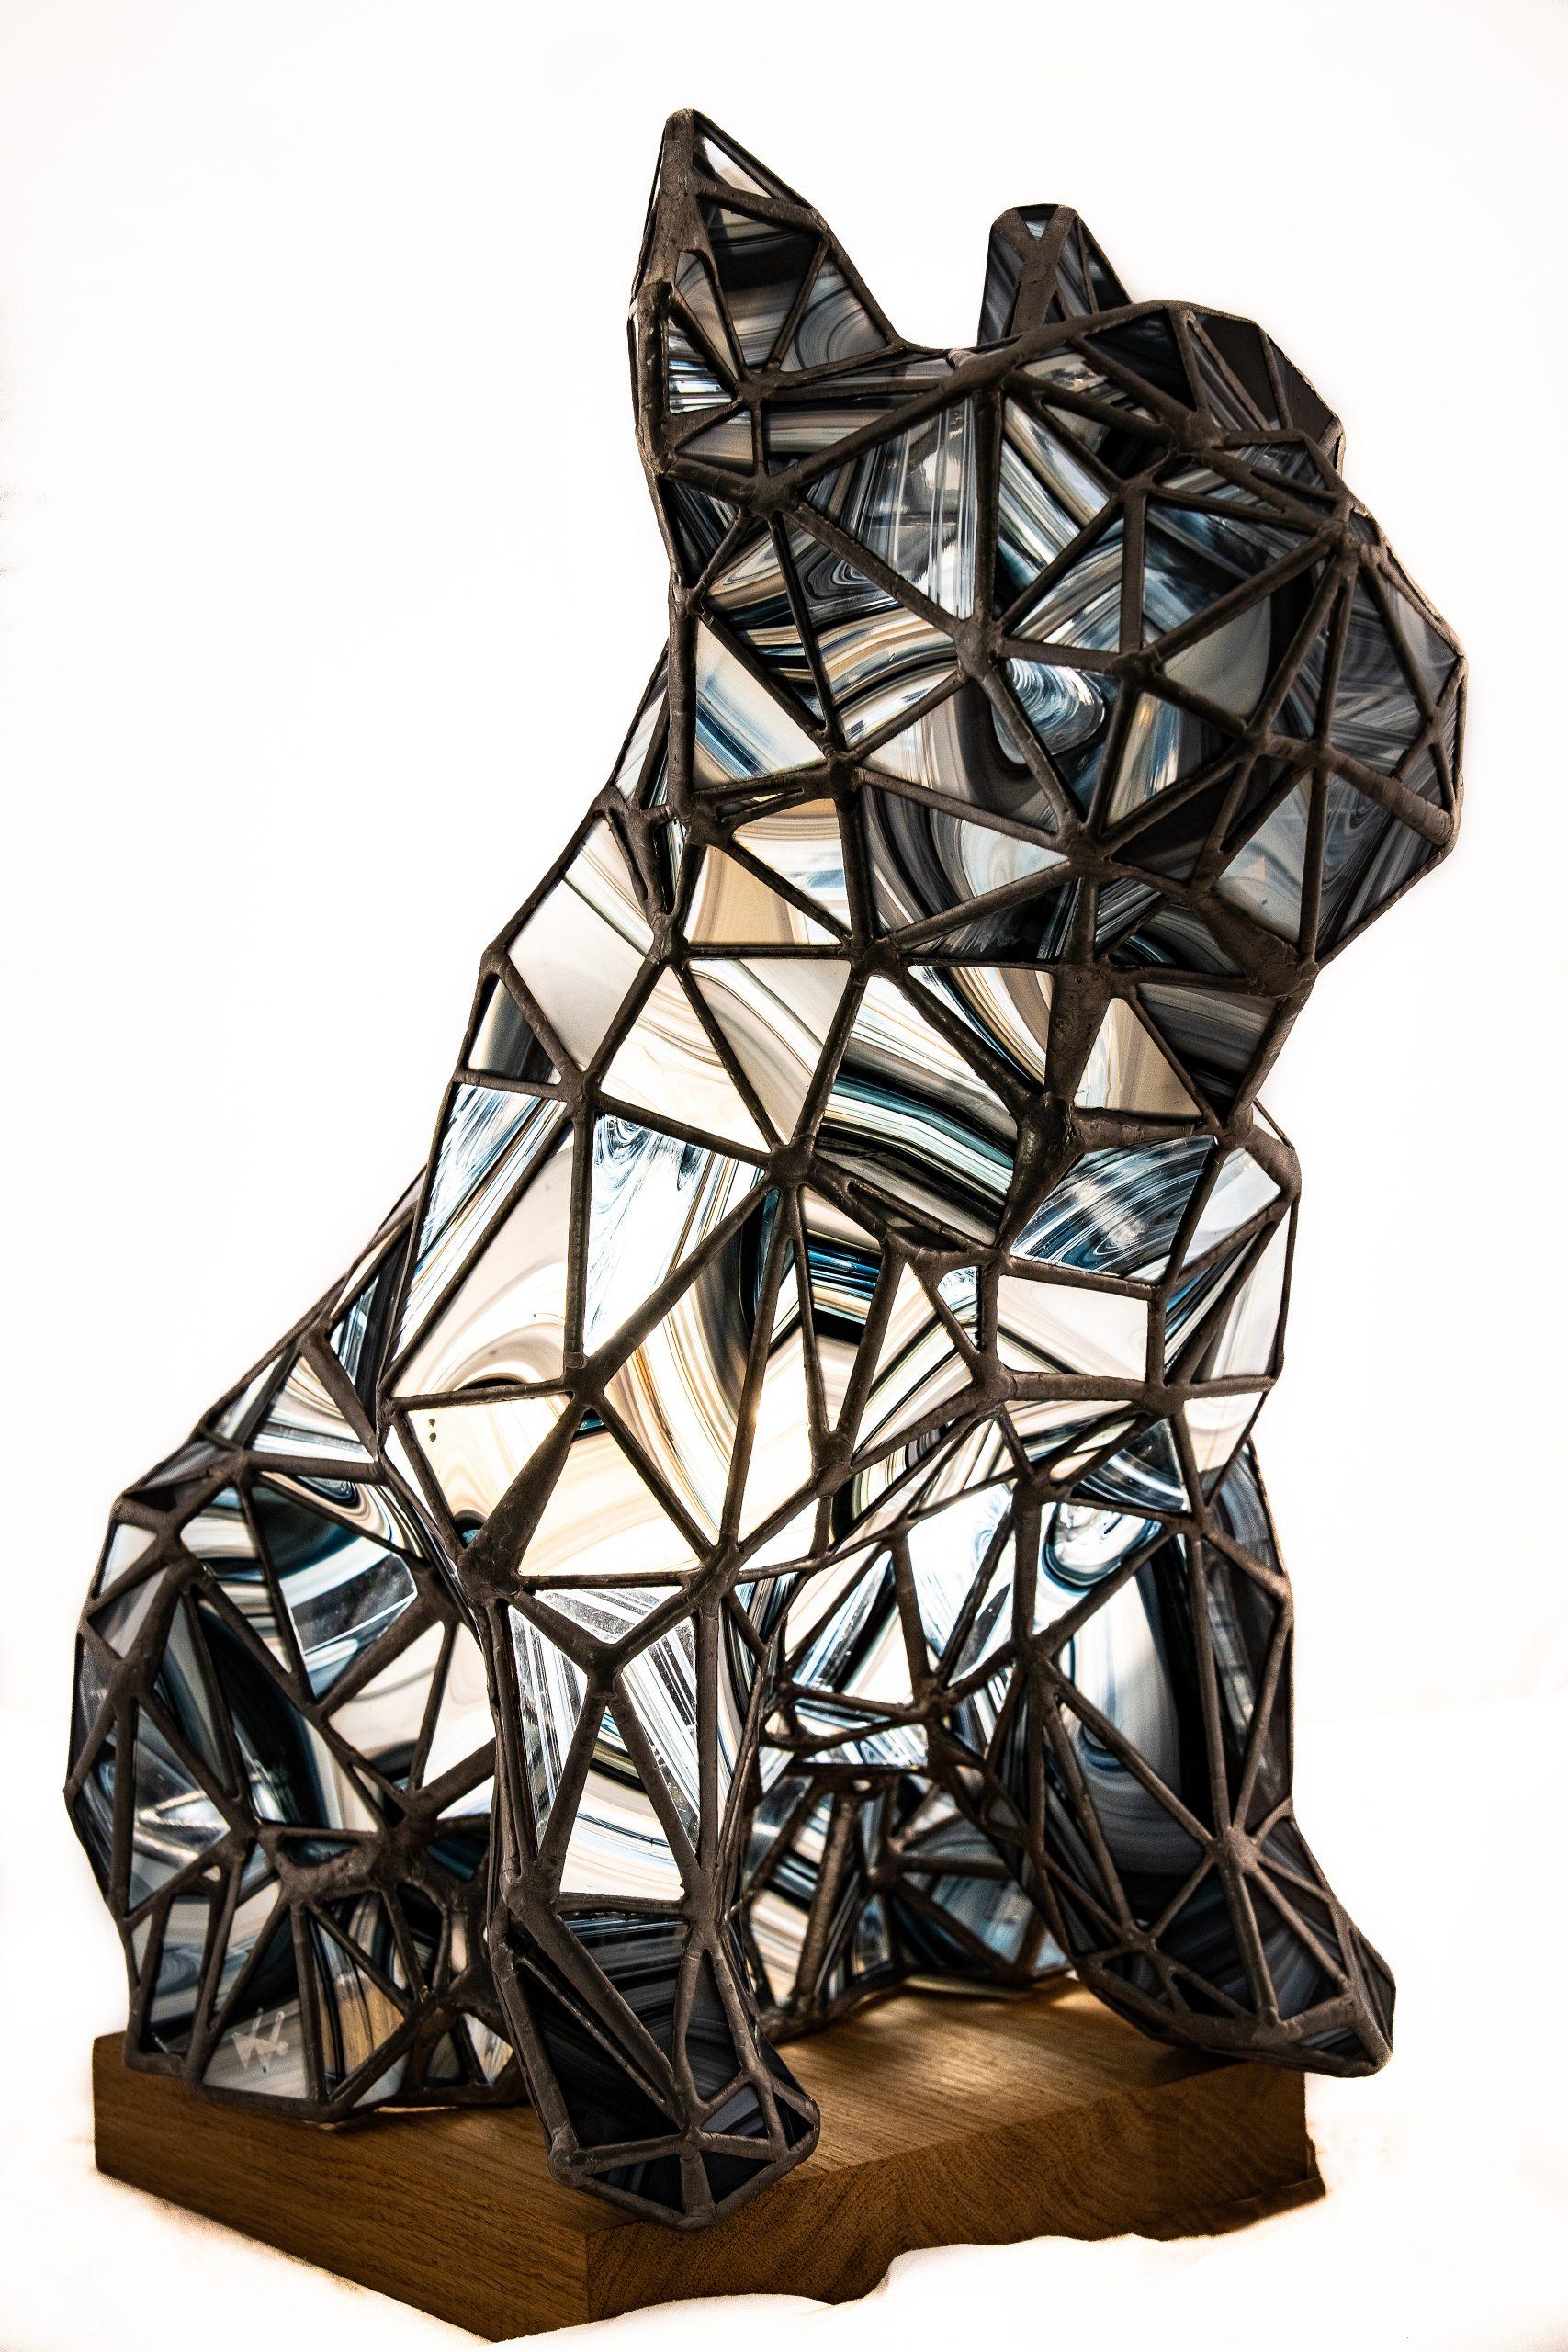 JimaJine, créateur contemporain de sculptures en vitrail